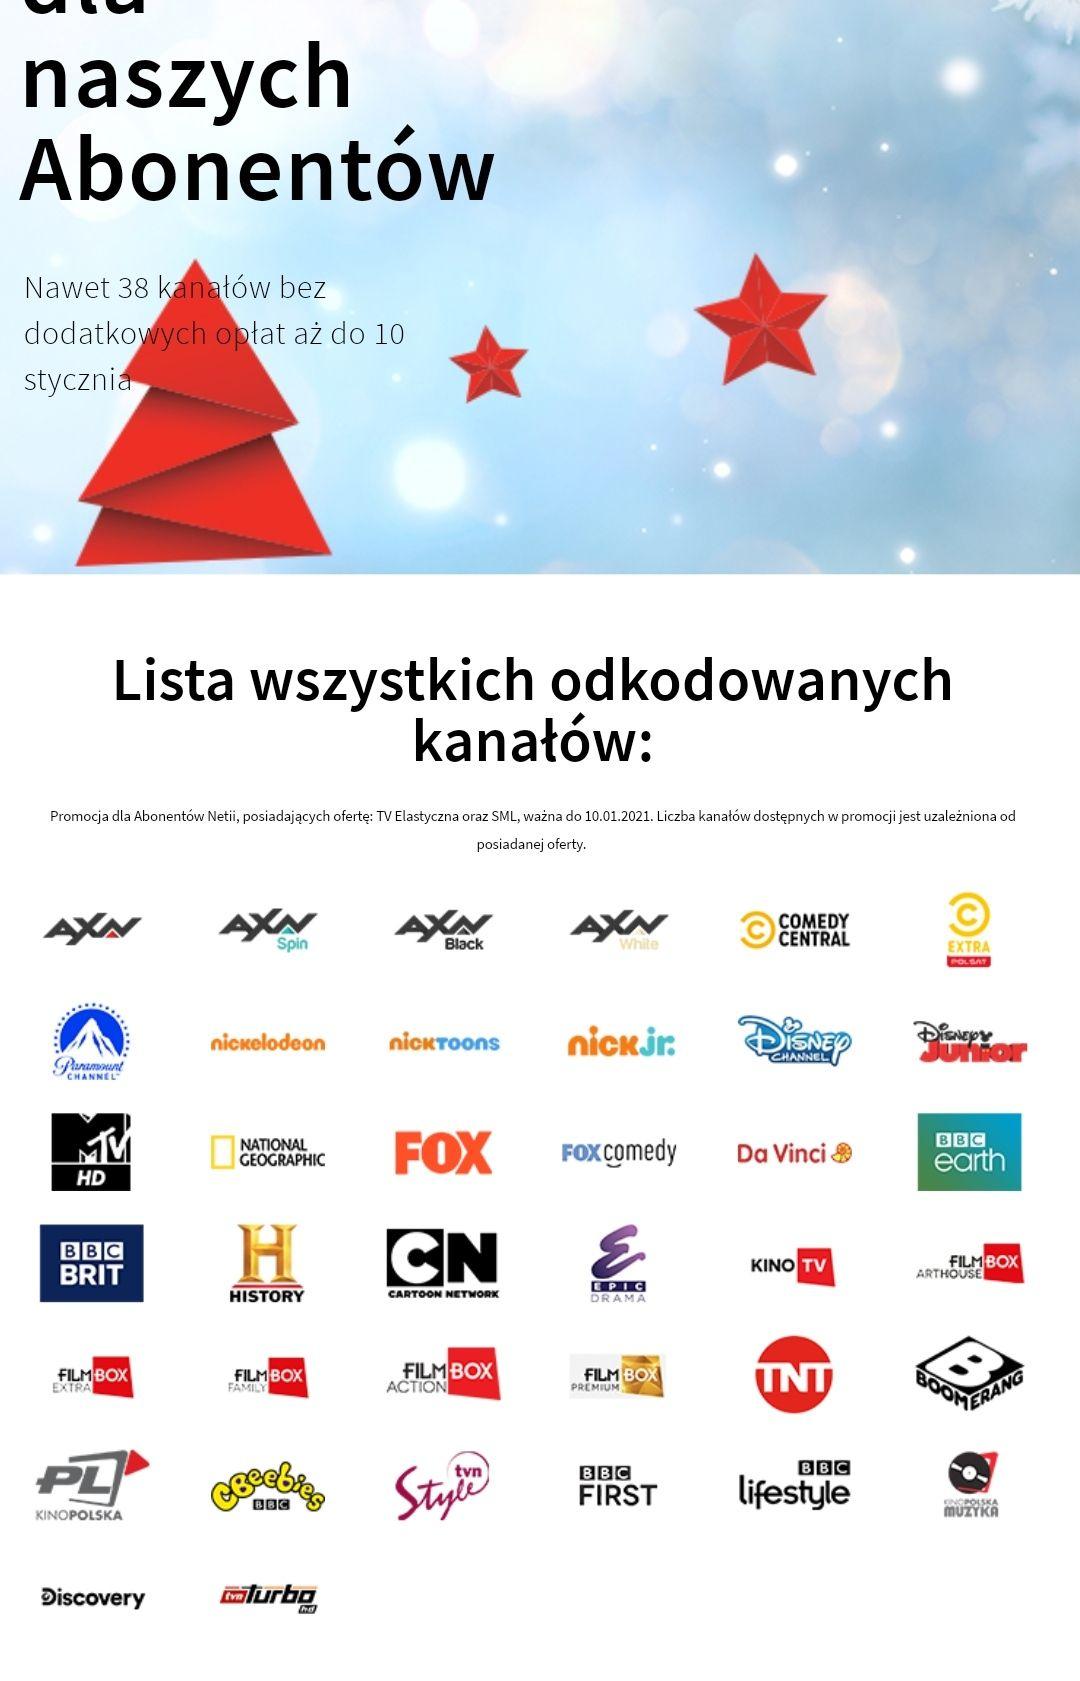 Netia - bezpłatny dostęp do 38 kanałów TV